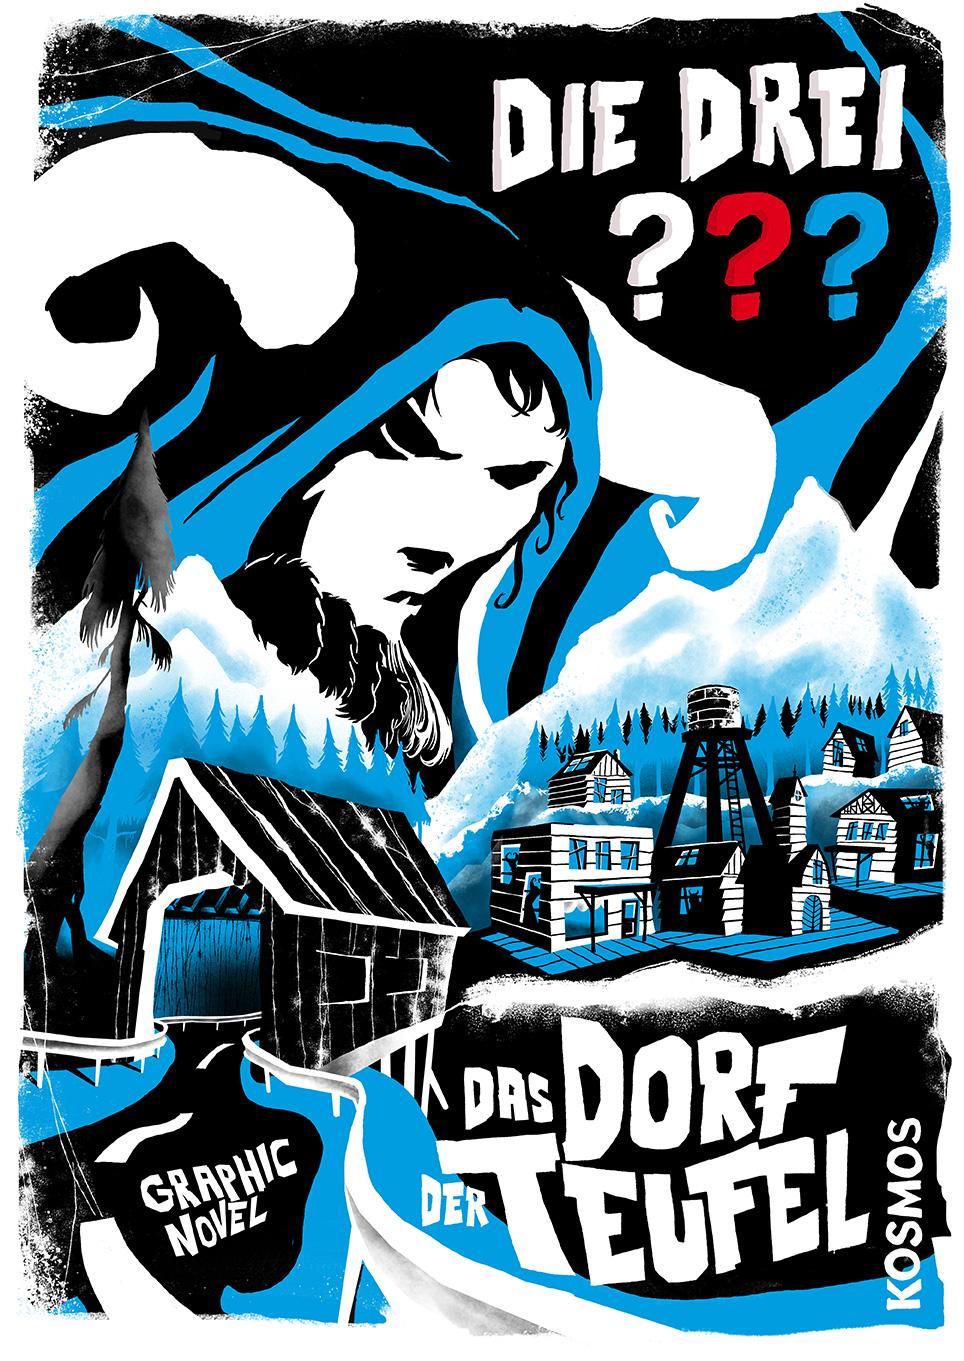 DAS-DORF-DER-TEUFEL-final.jpg